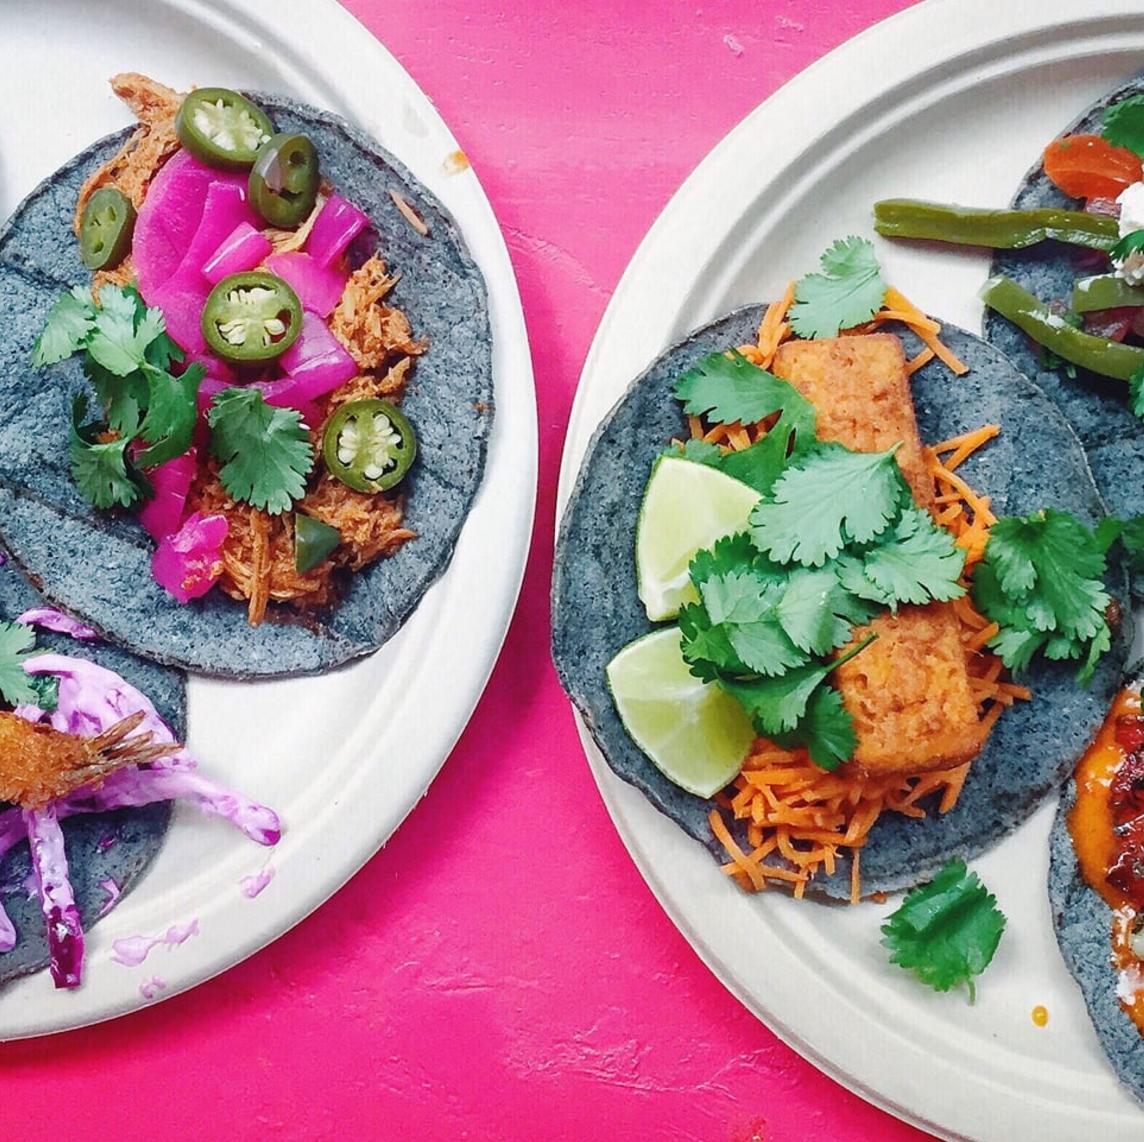 Blue taco - sunde tacos i København på Nørrebro med vegetariske og veganske muligheder. Tacos lavet på blå majs